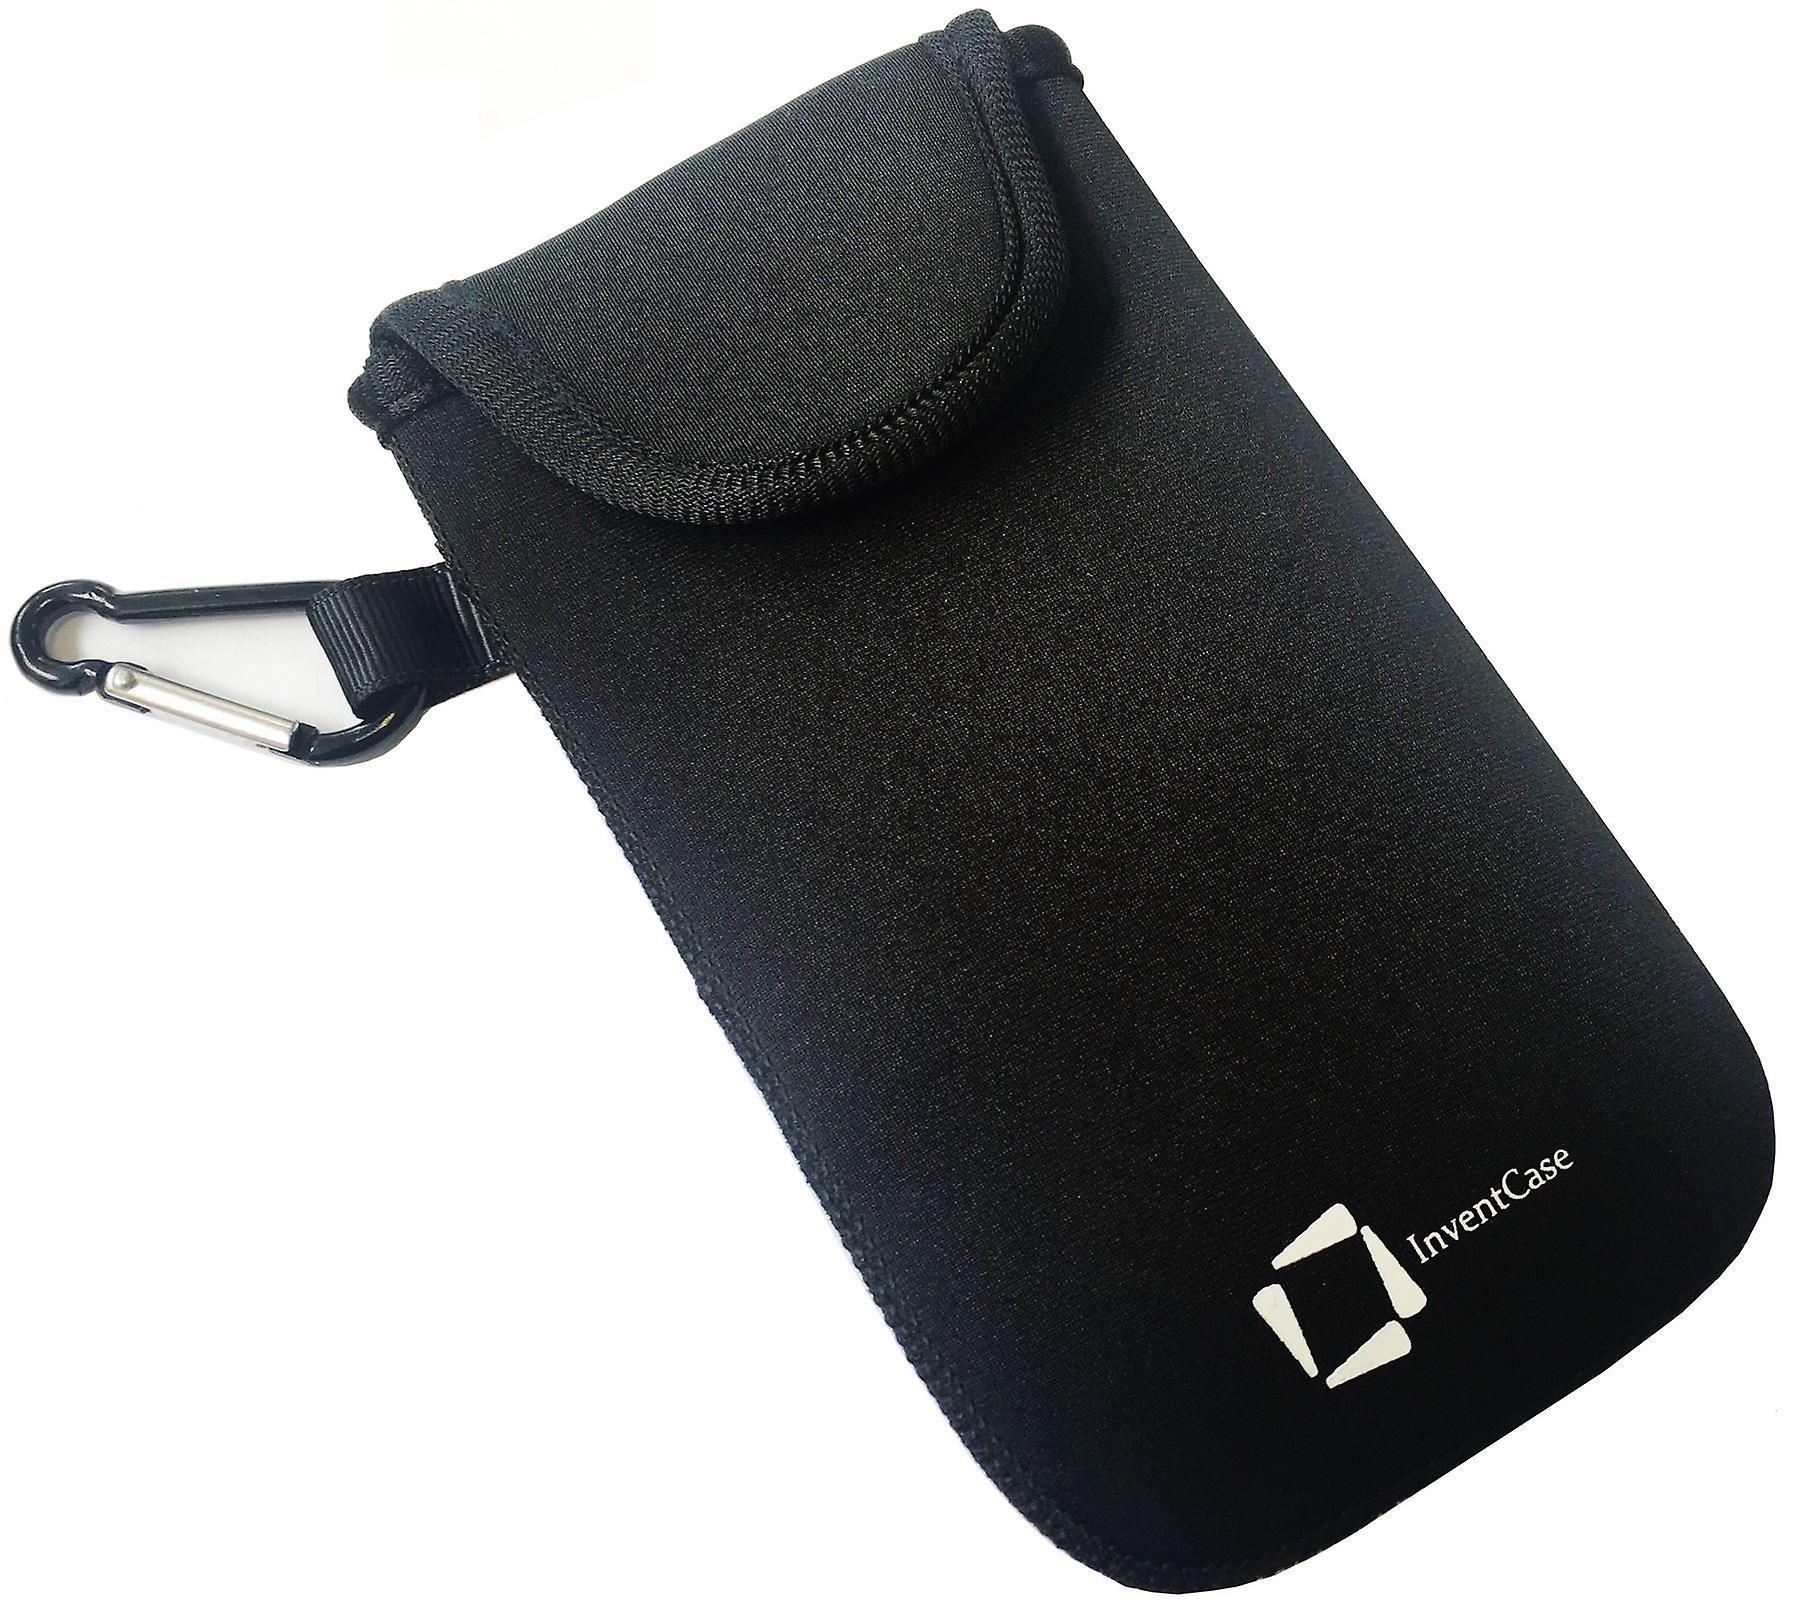 حقيبة تغطية القضية الحقيبة واقية مقاومة لتأثير النيوبرين إينفينتكاسي مع إغلاق Velcro و Carabiner الألومنيوم لاسوس زينفوني 2-أسود